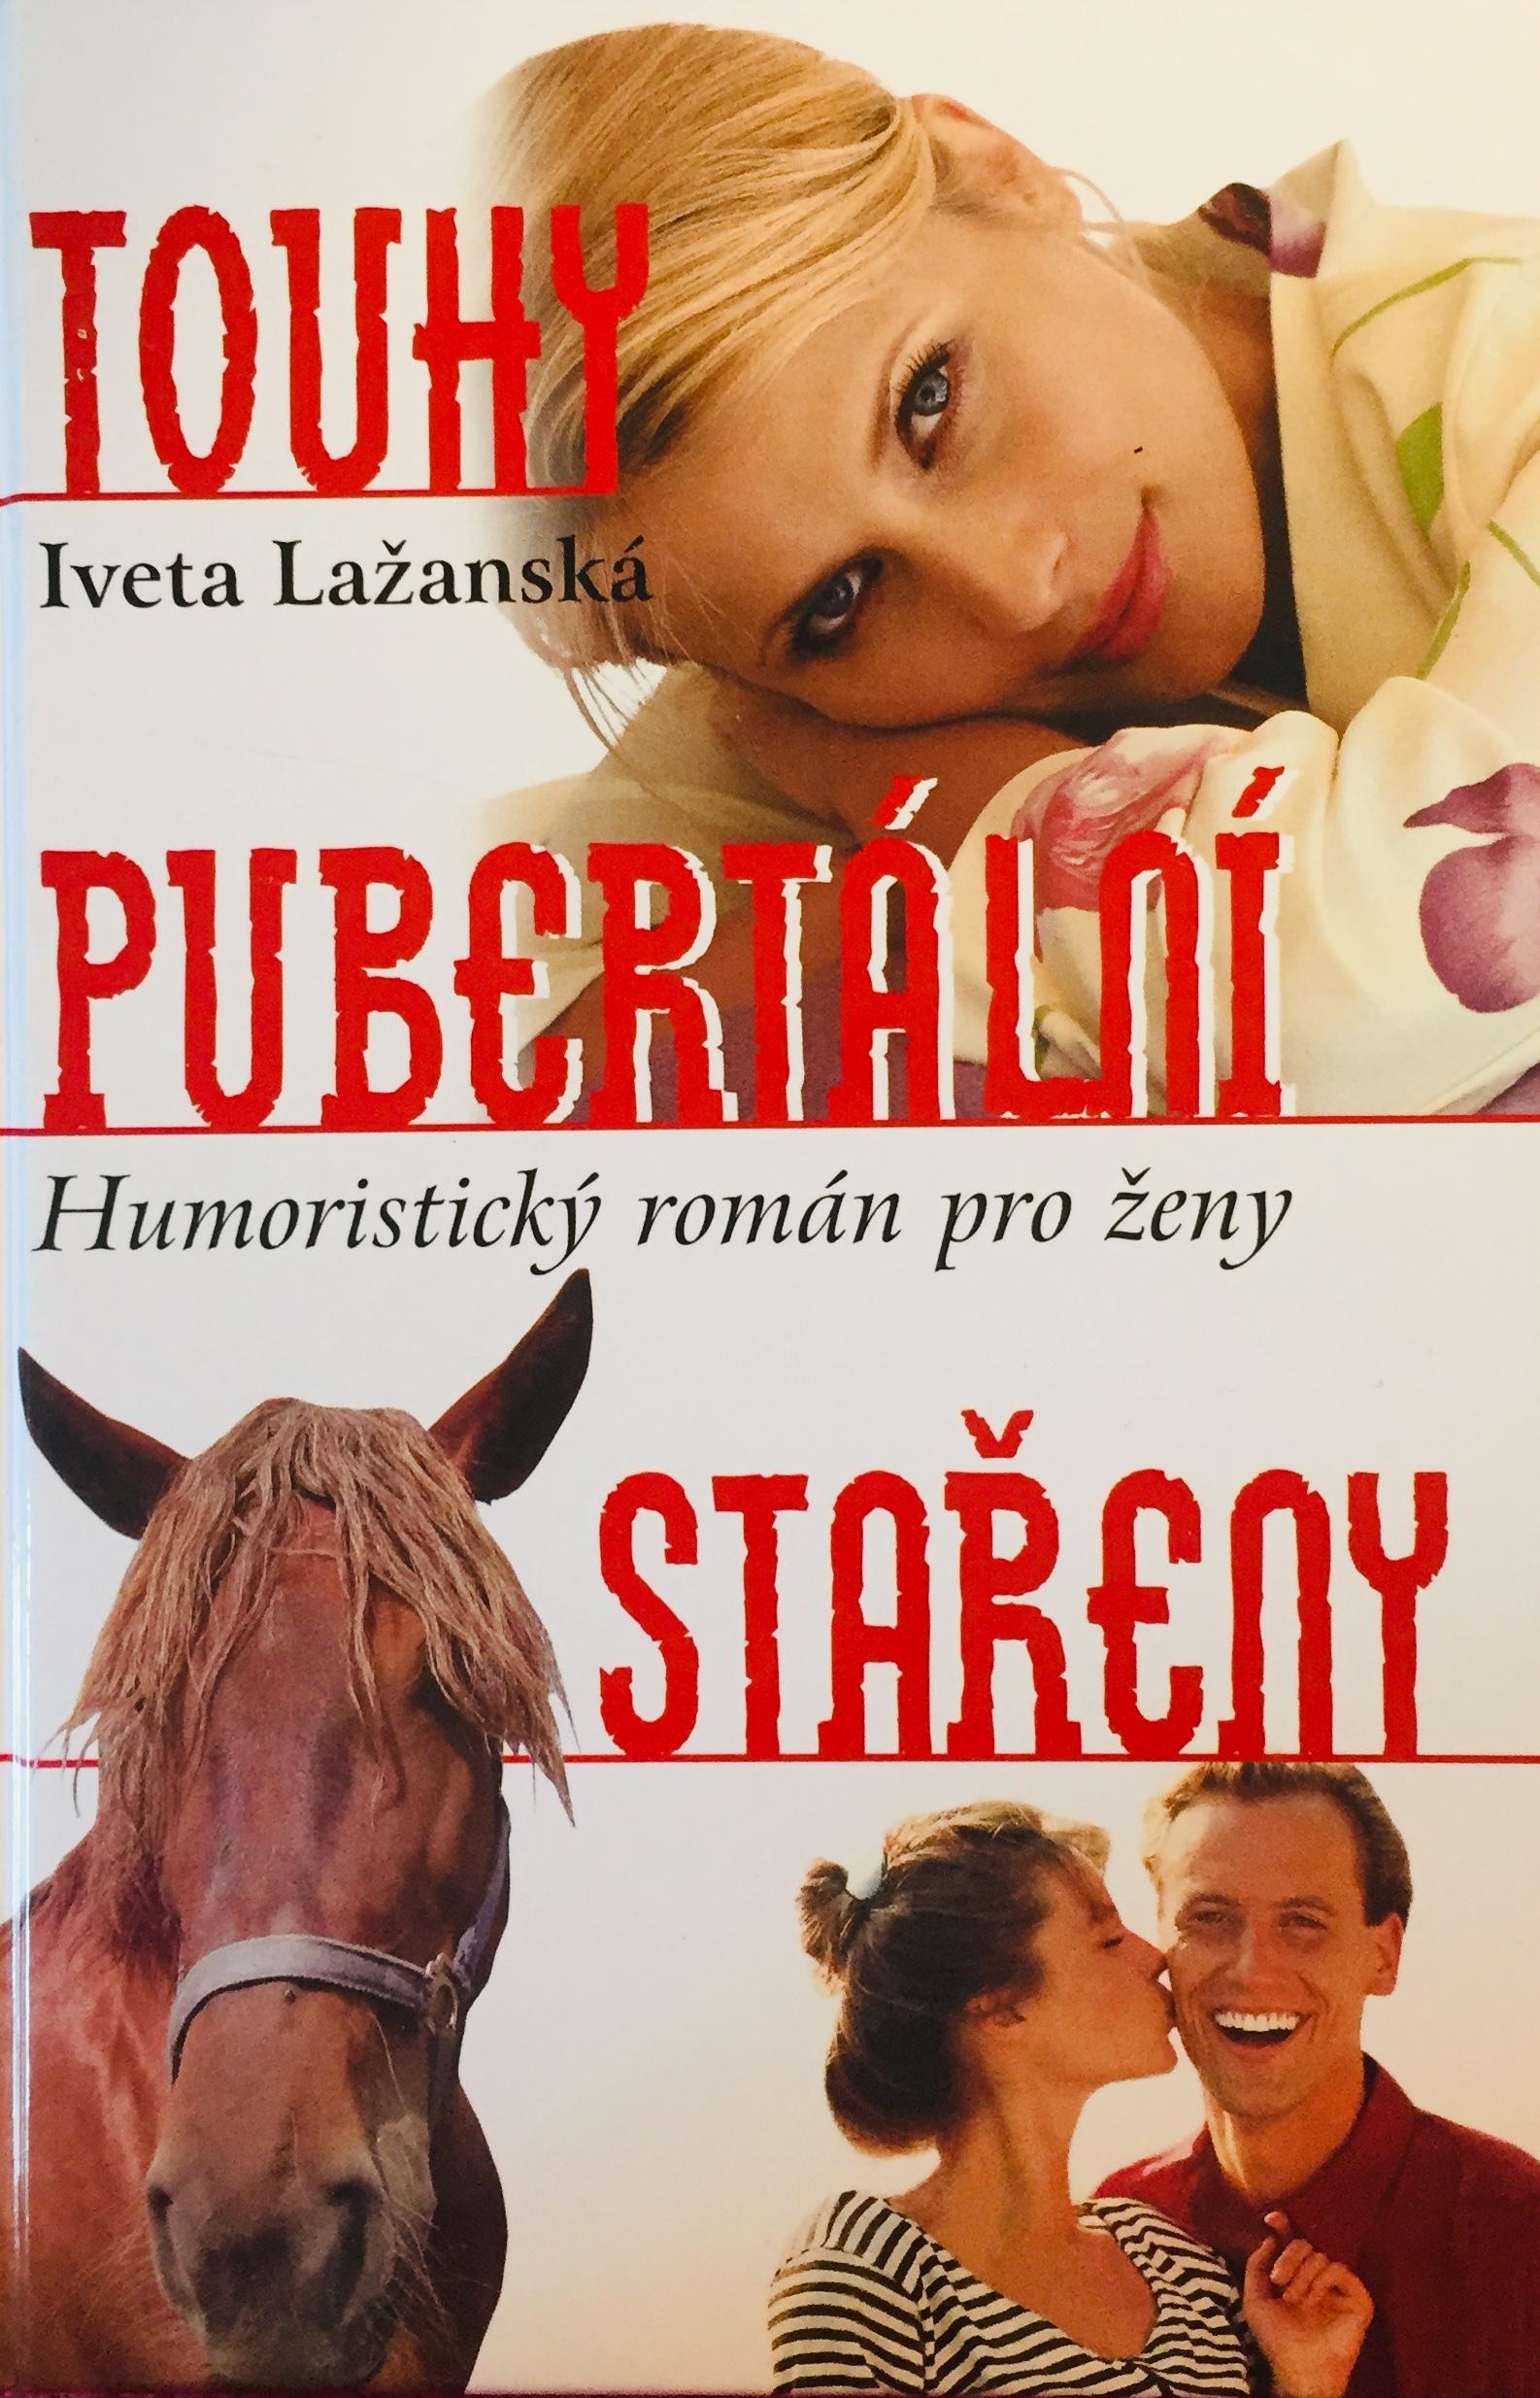 Touhy pubertální stařeny - Iveta Lažanská